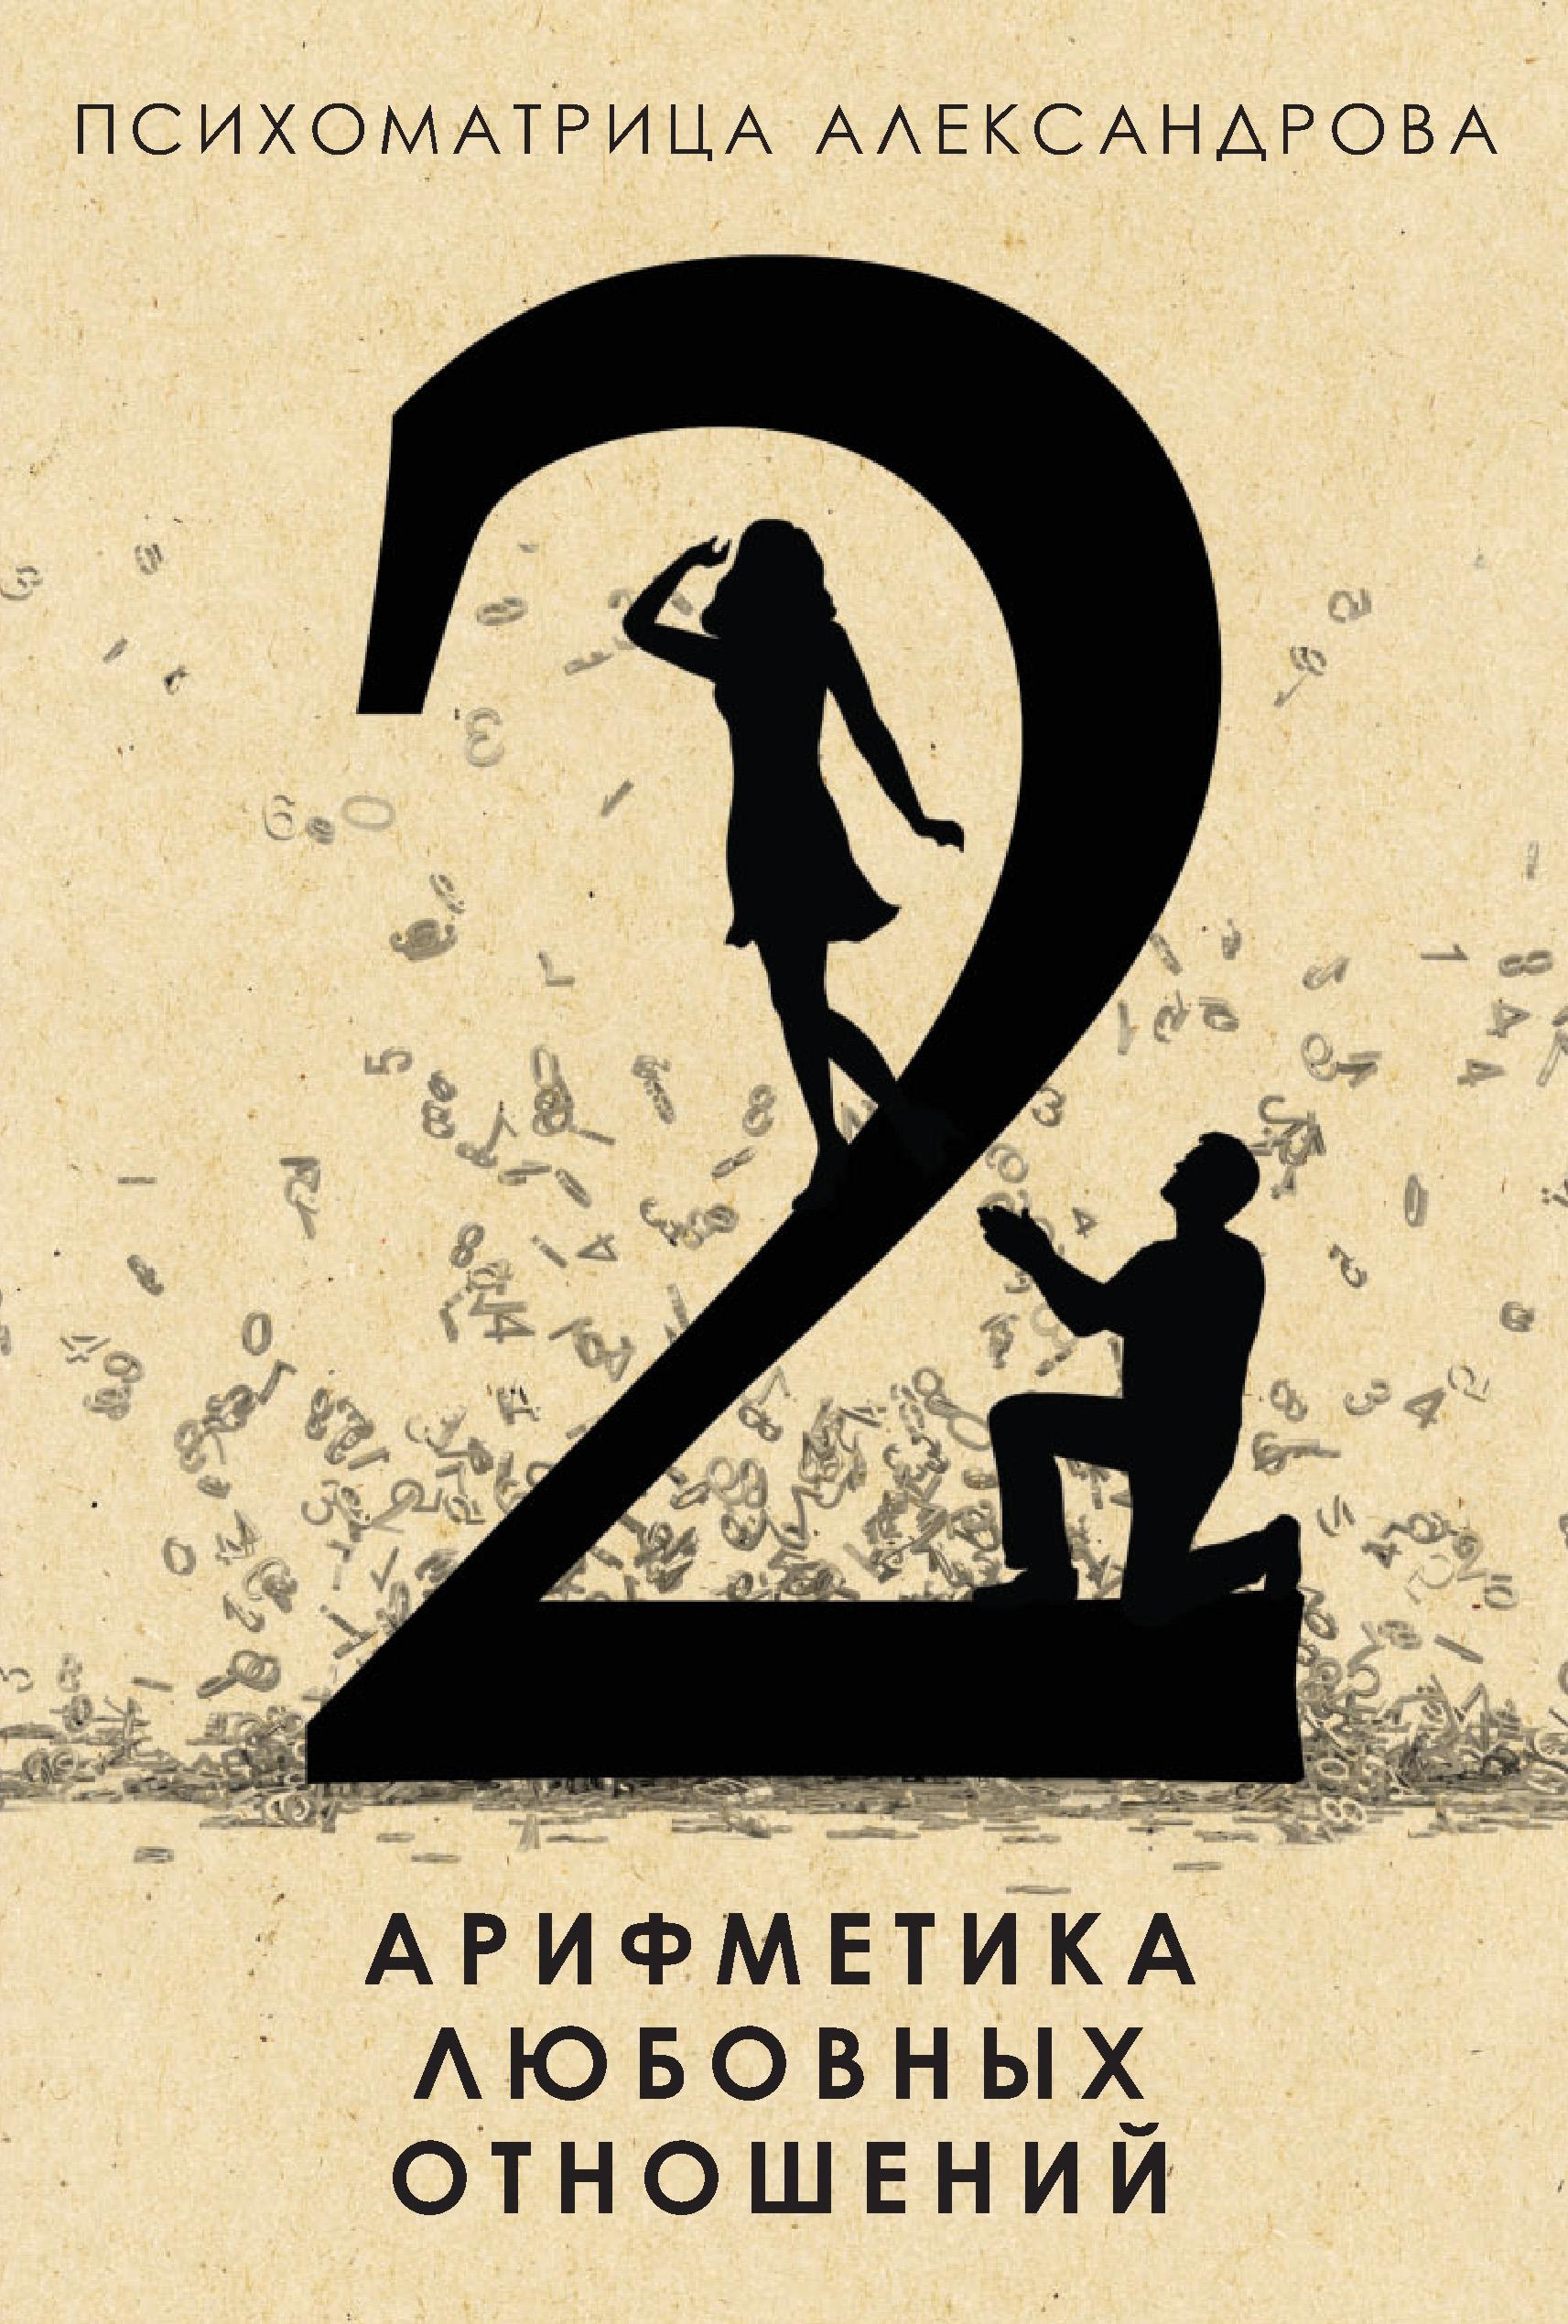 Александр Александров Арифметика любовных отношений александр александров арифметика любовных отношений